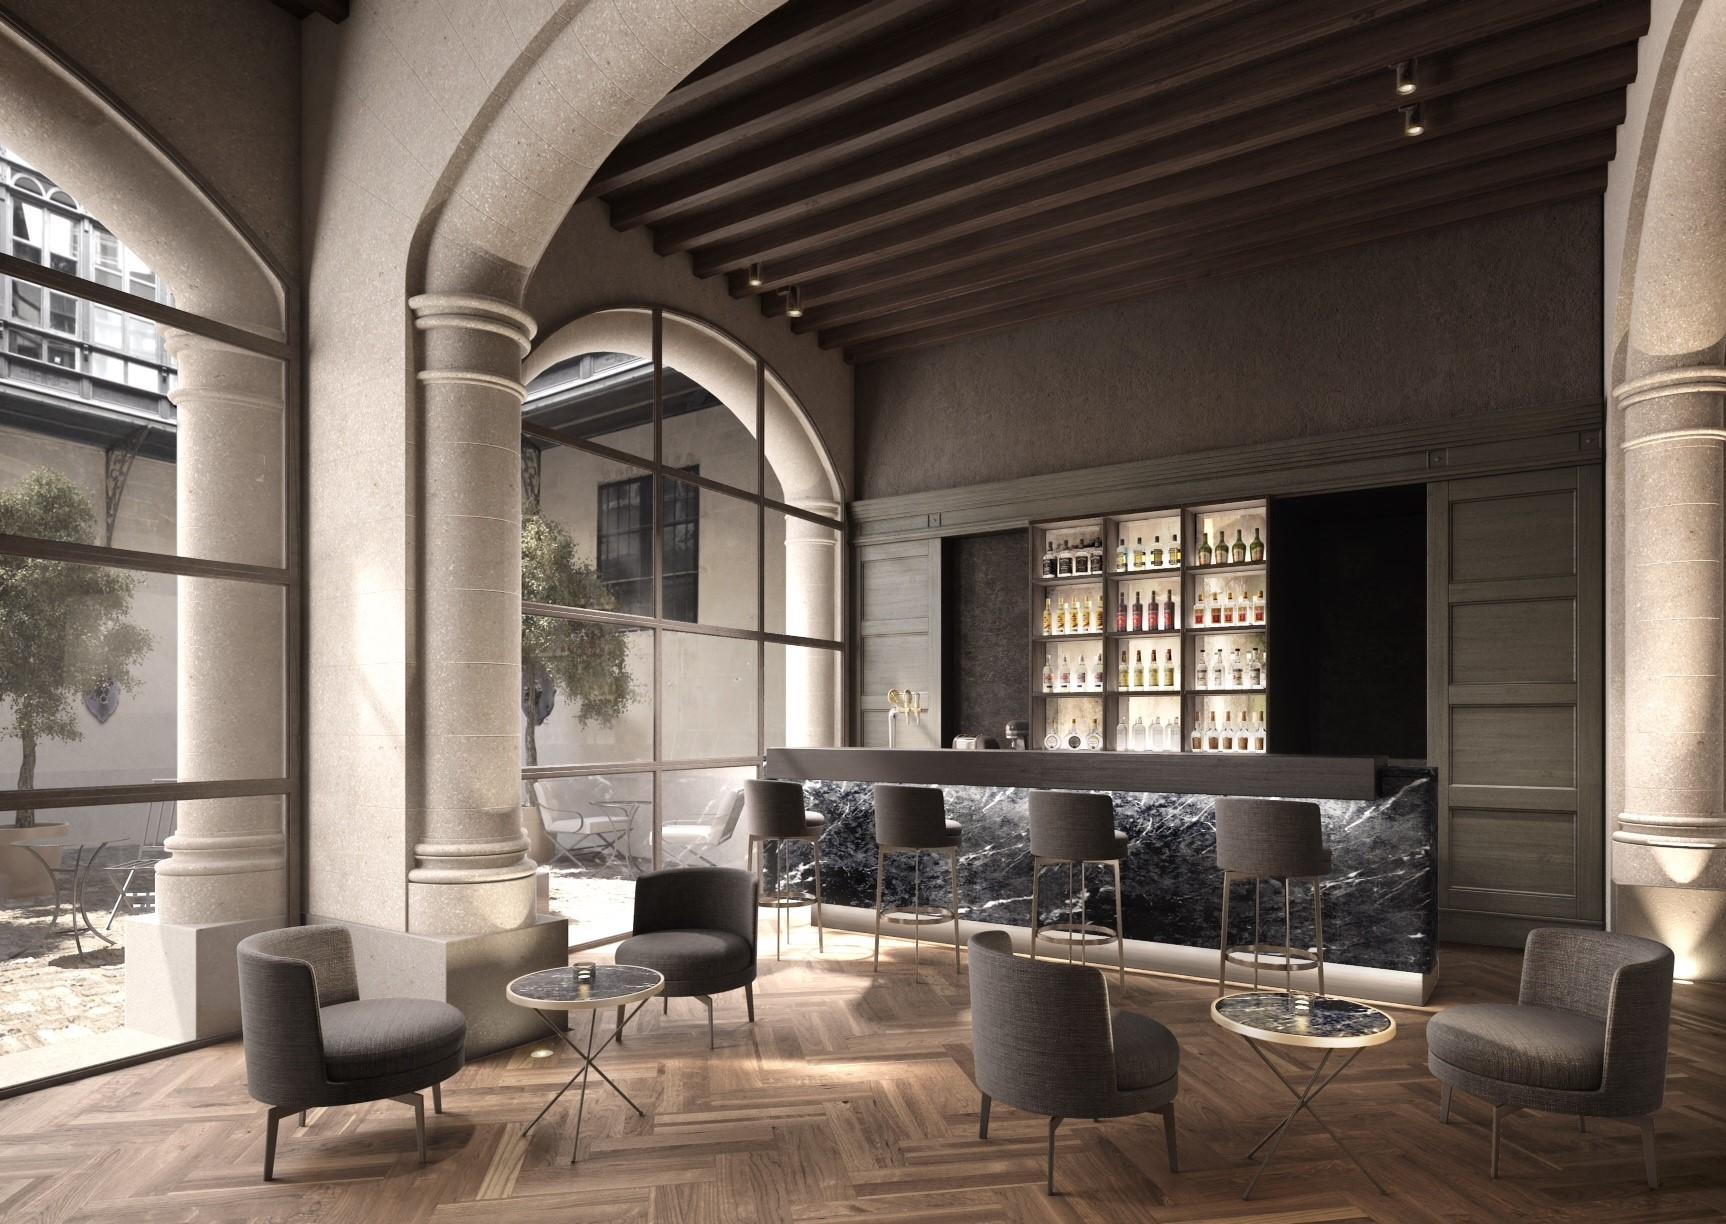 New Sant Francesc Hotel Singular